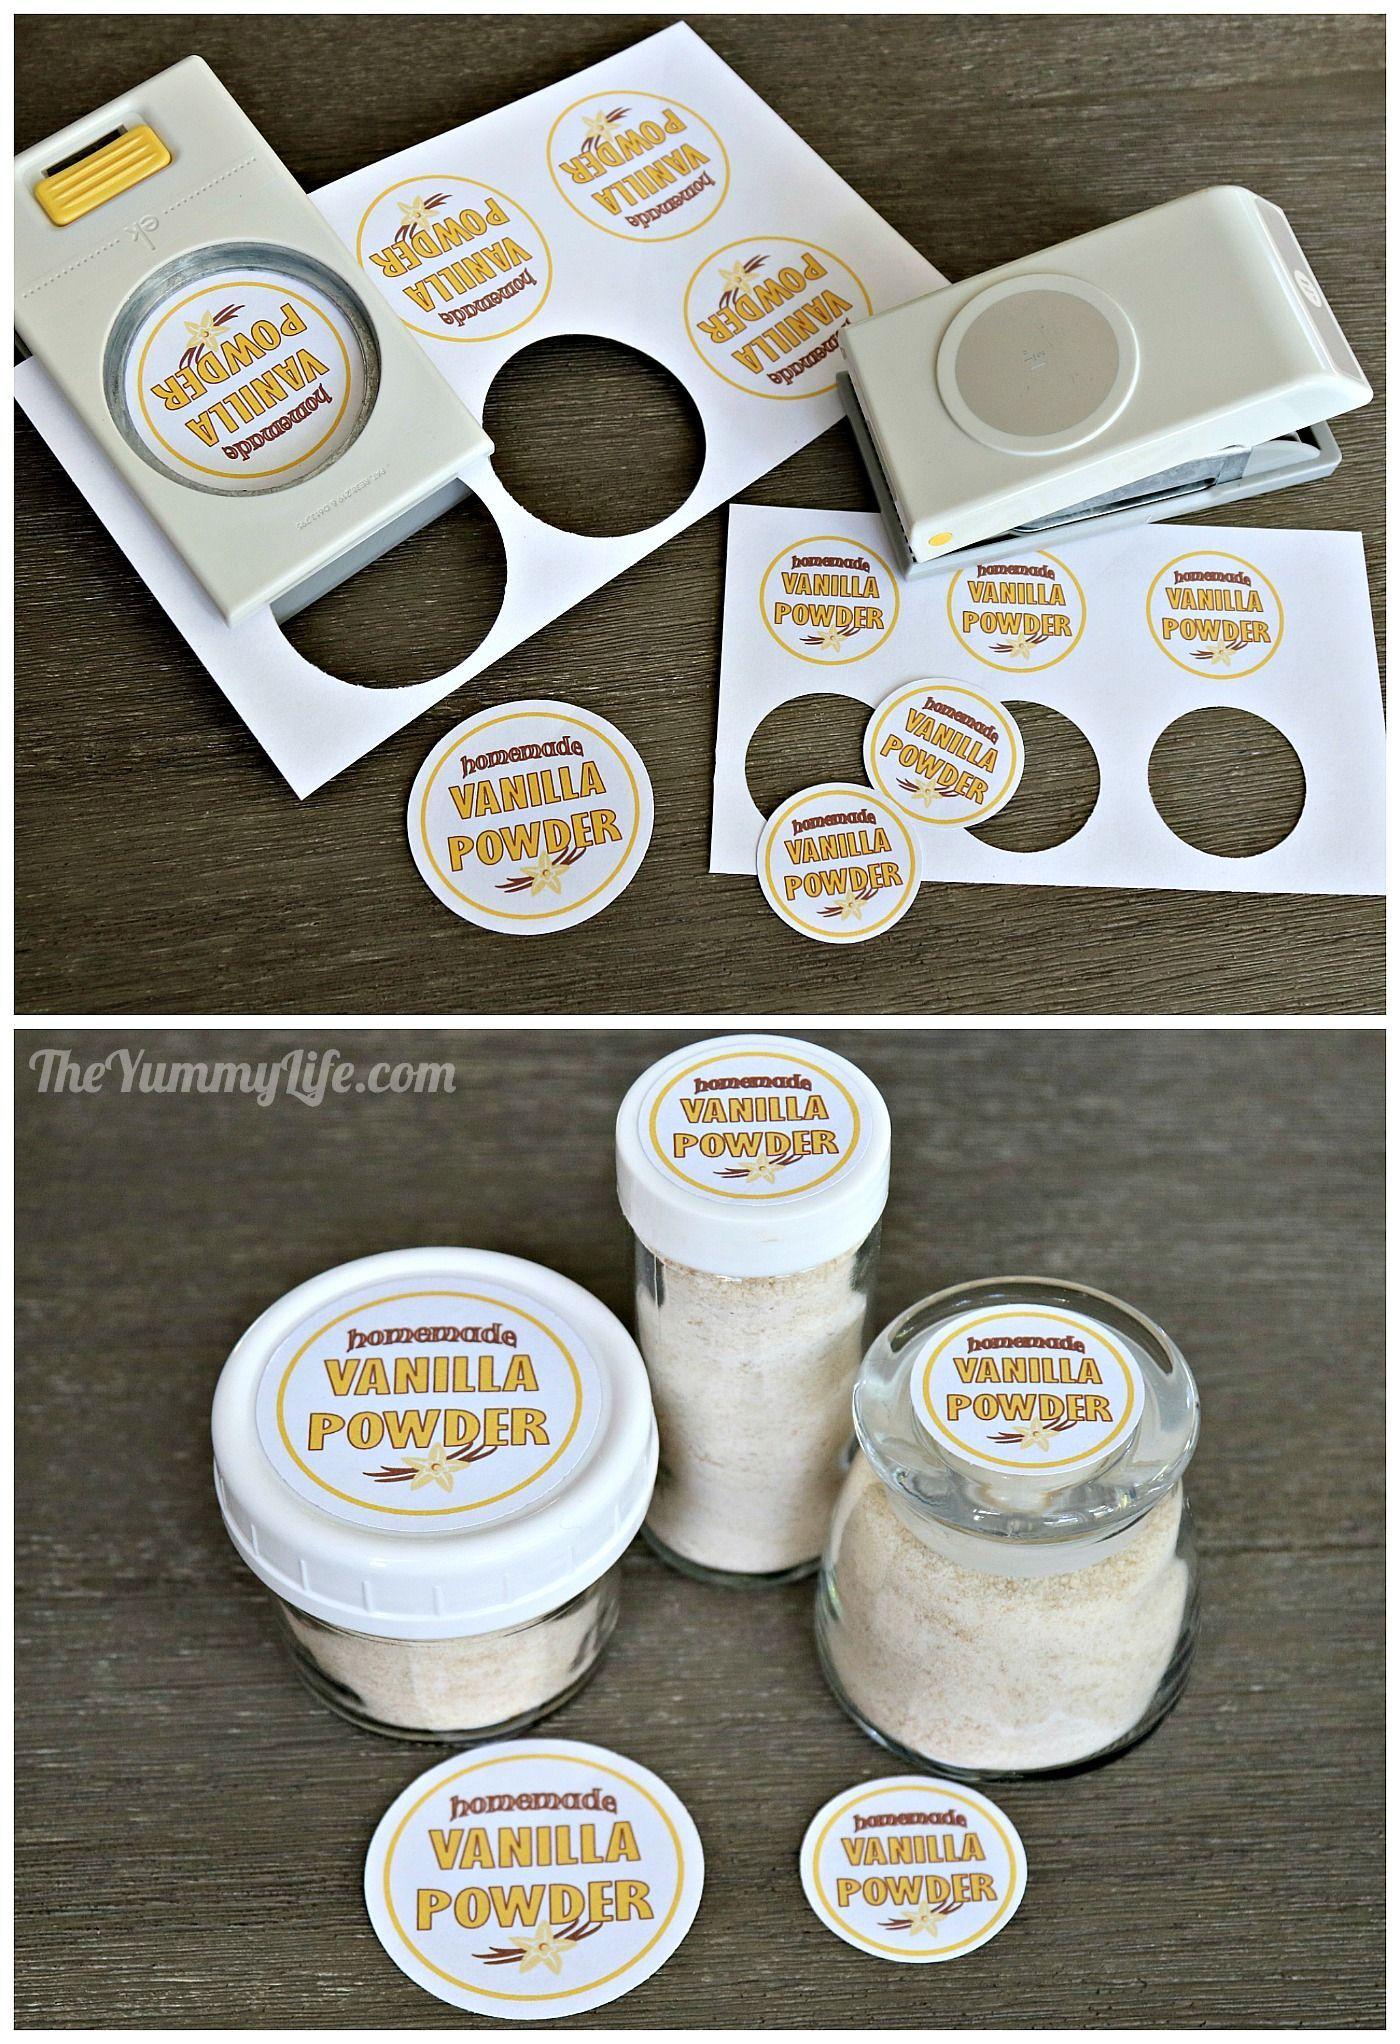 Homemade Vanilla Powder Recipe In 2020 Vanilla Bean Powder Homemade Vanilla Starbucks Recipes